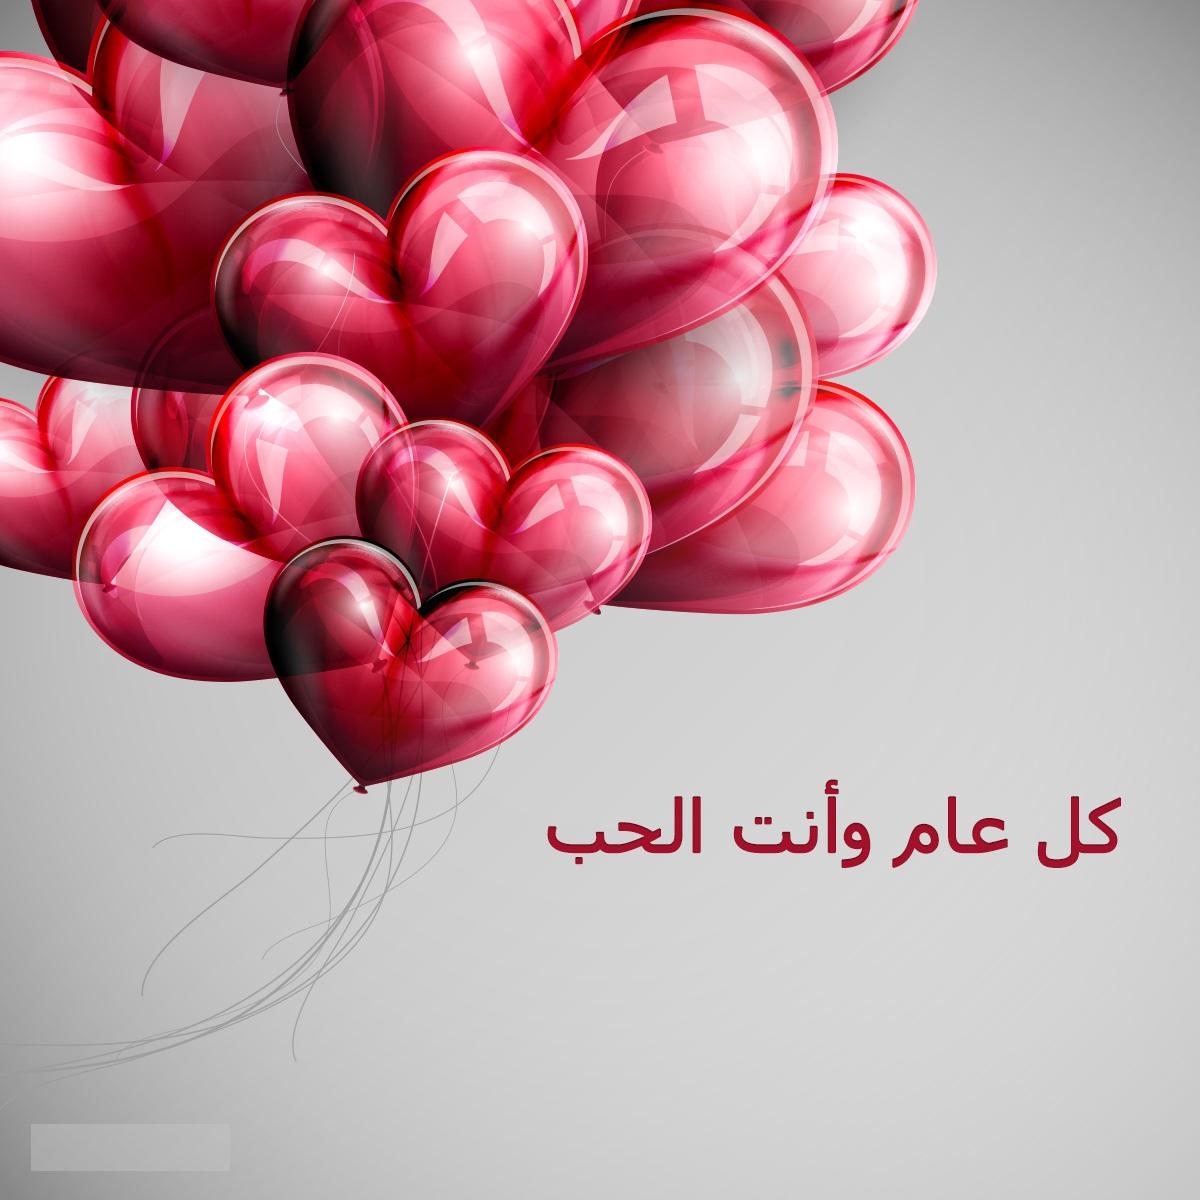 صورة ماذا يمكنك الاعداد في عيد ميلاده , عيد ميلاد حبيبي 4885